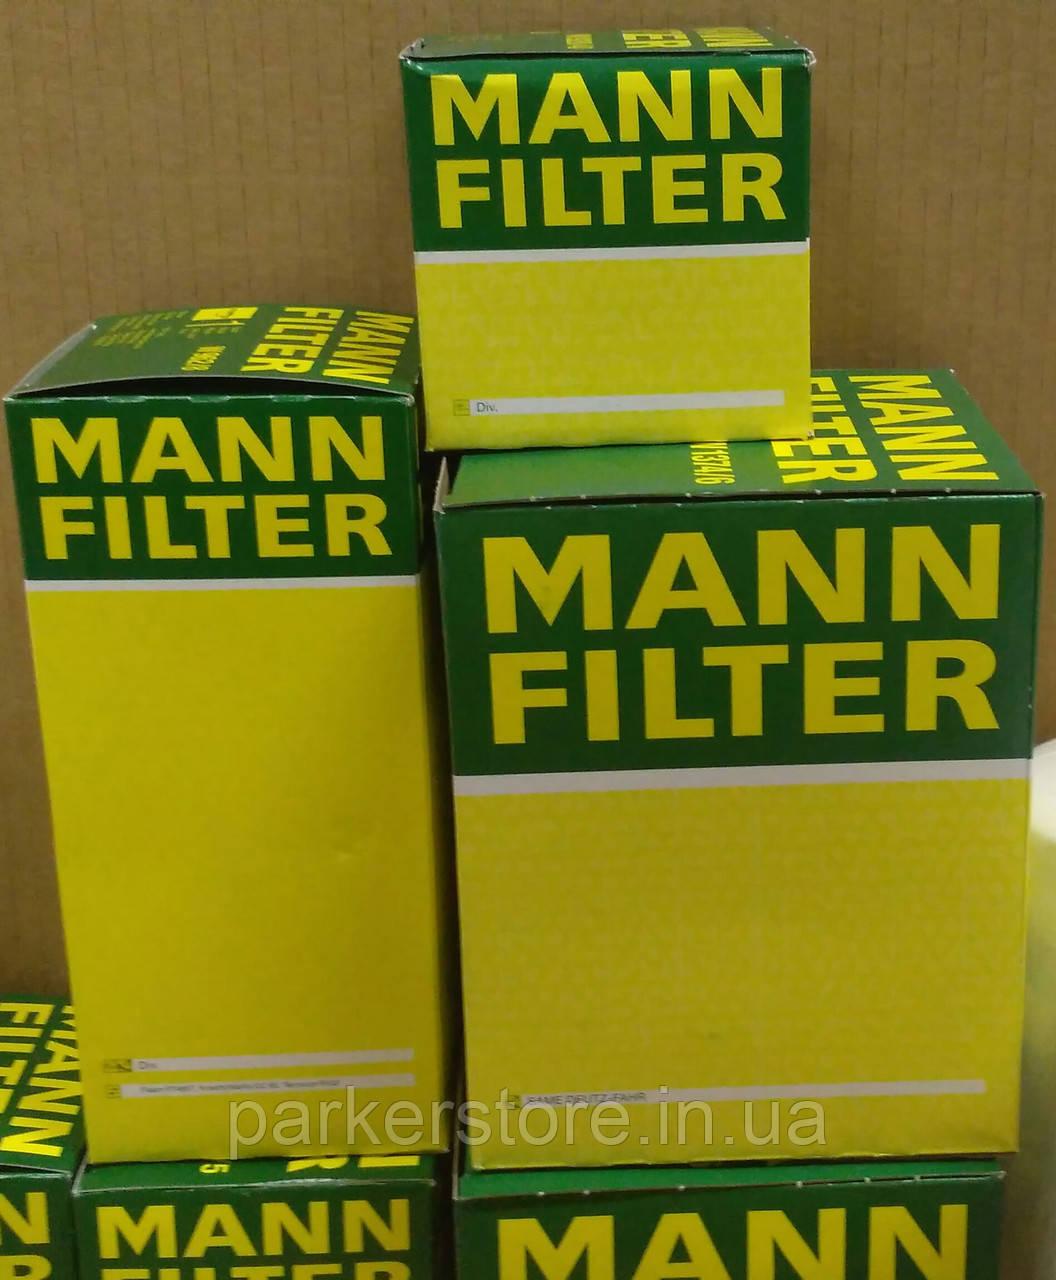 MANN FILTER / Воздушный фильтр / C 17 137 x / C17137x